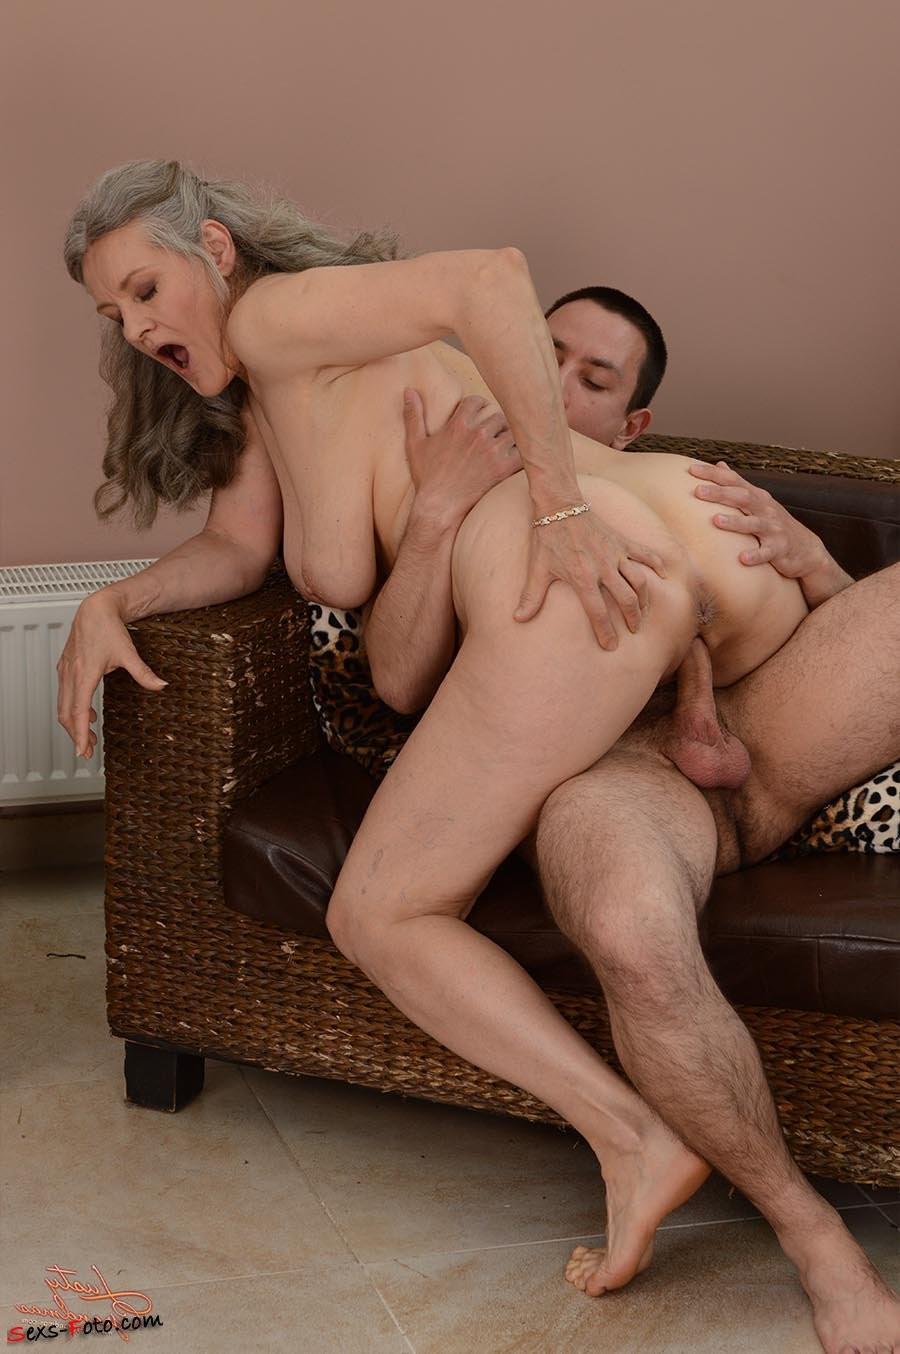 moms riding young cock on slutload – Pornostar